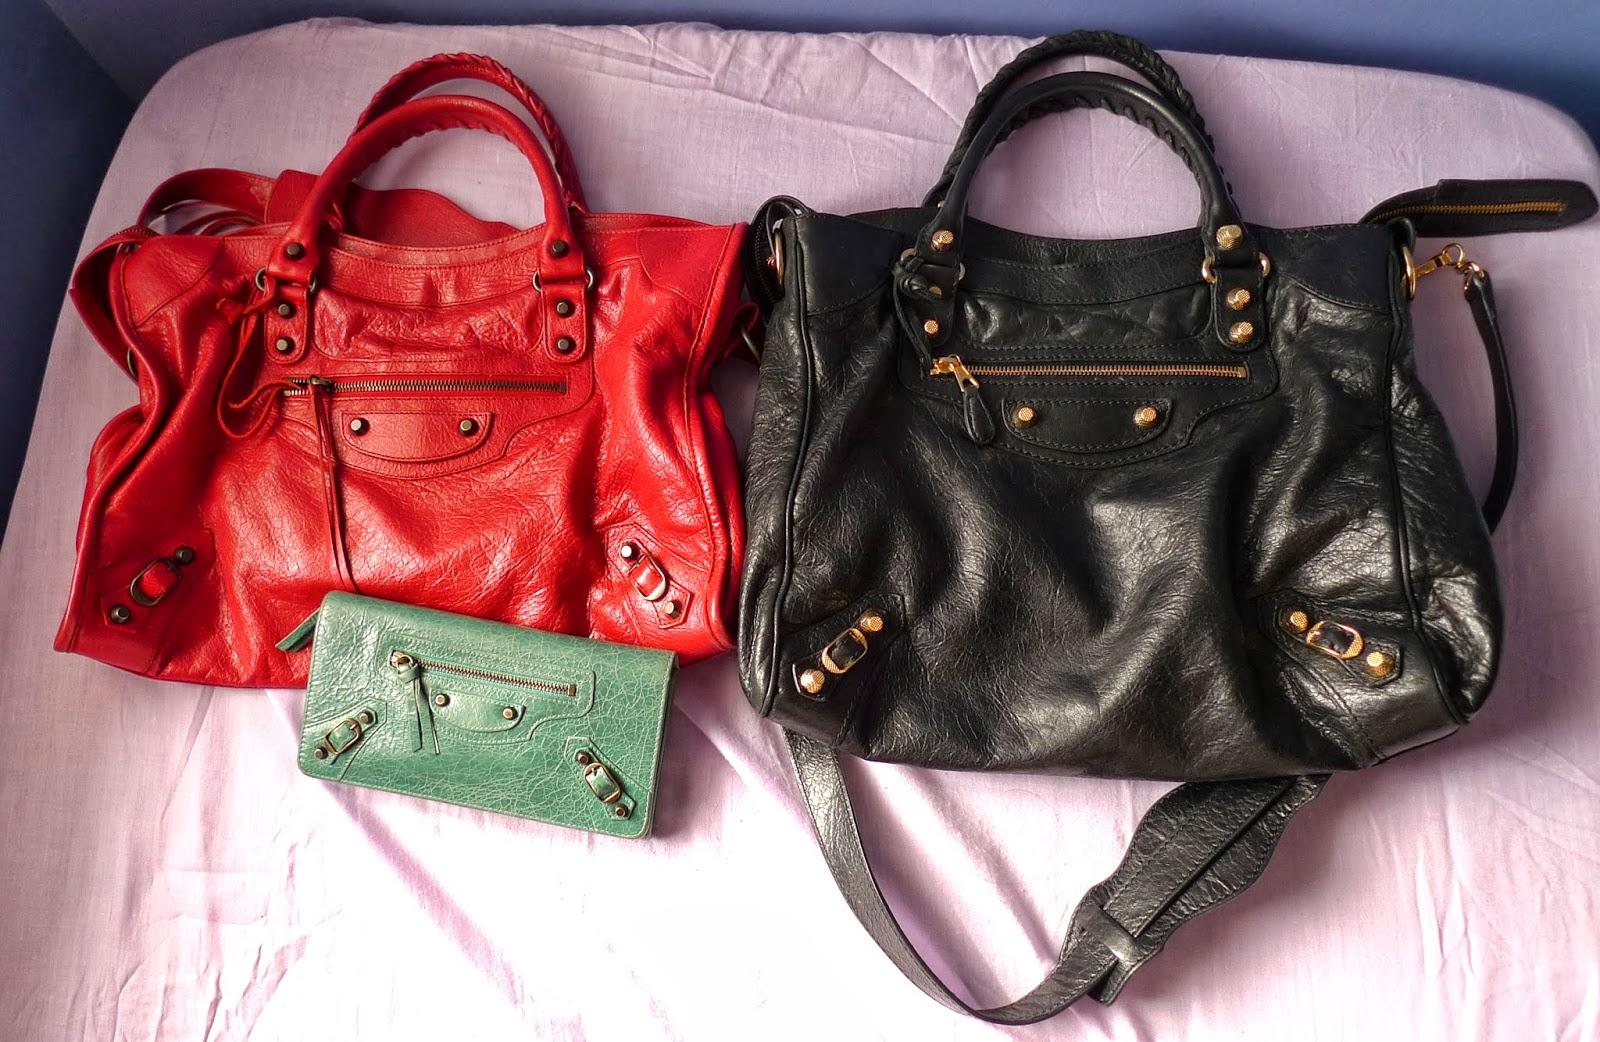 Balenciaga Bag Price Ph